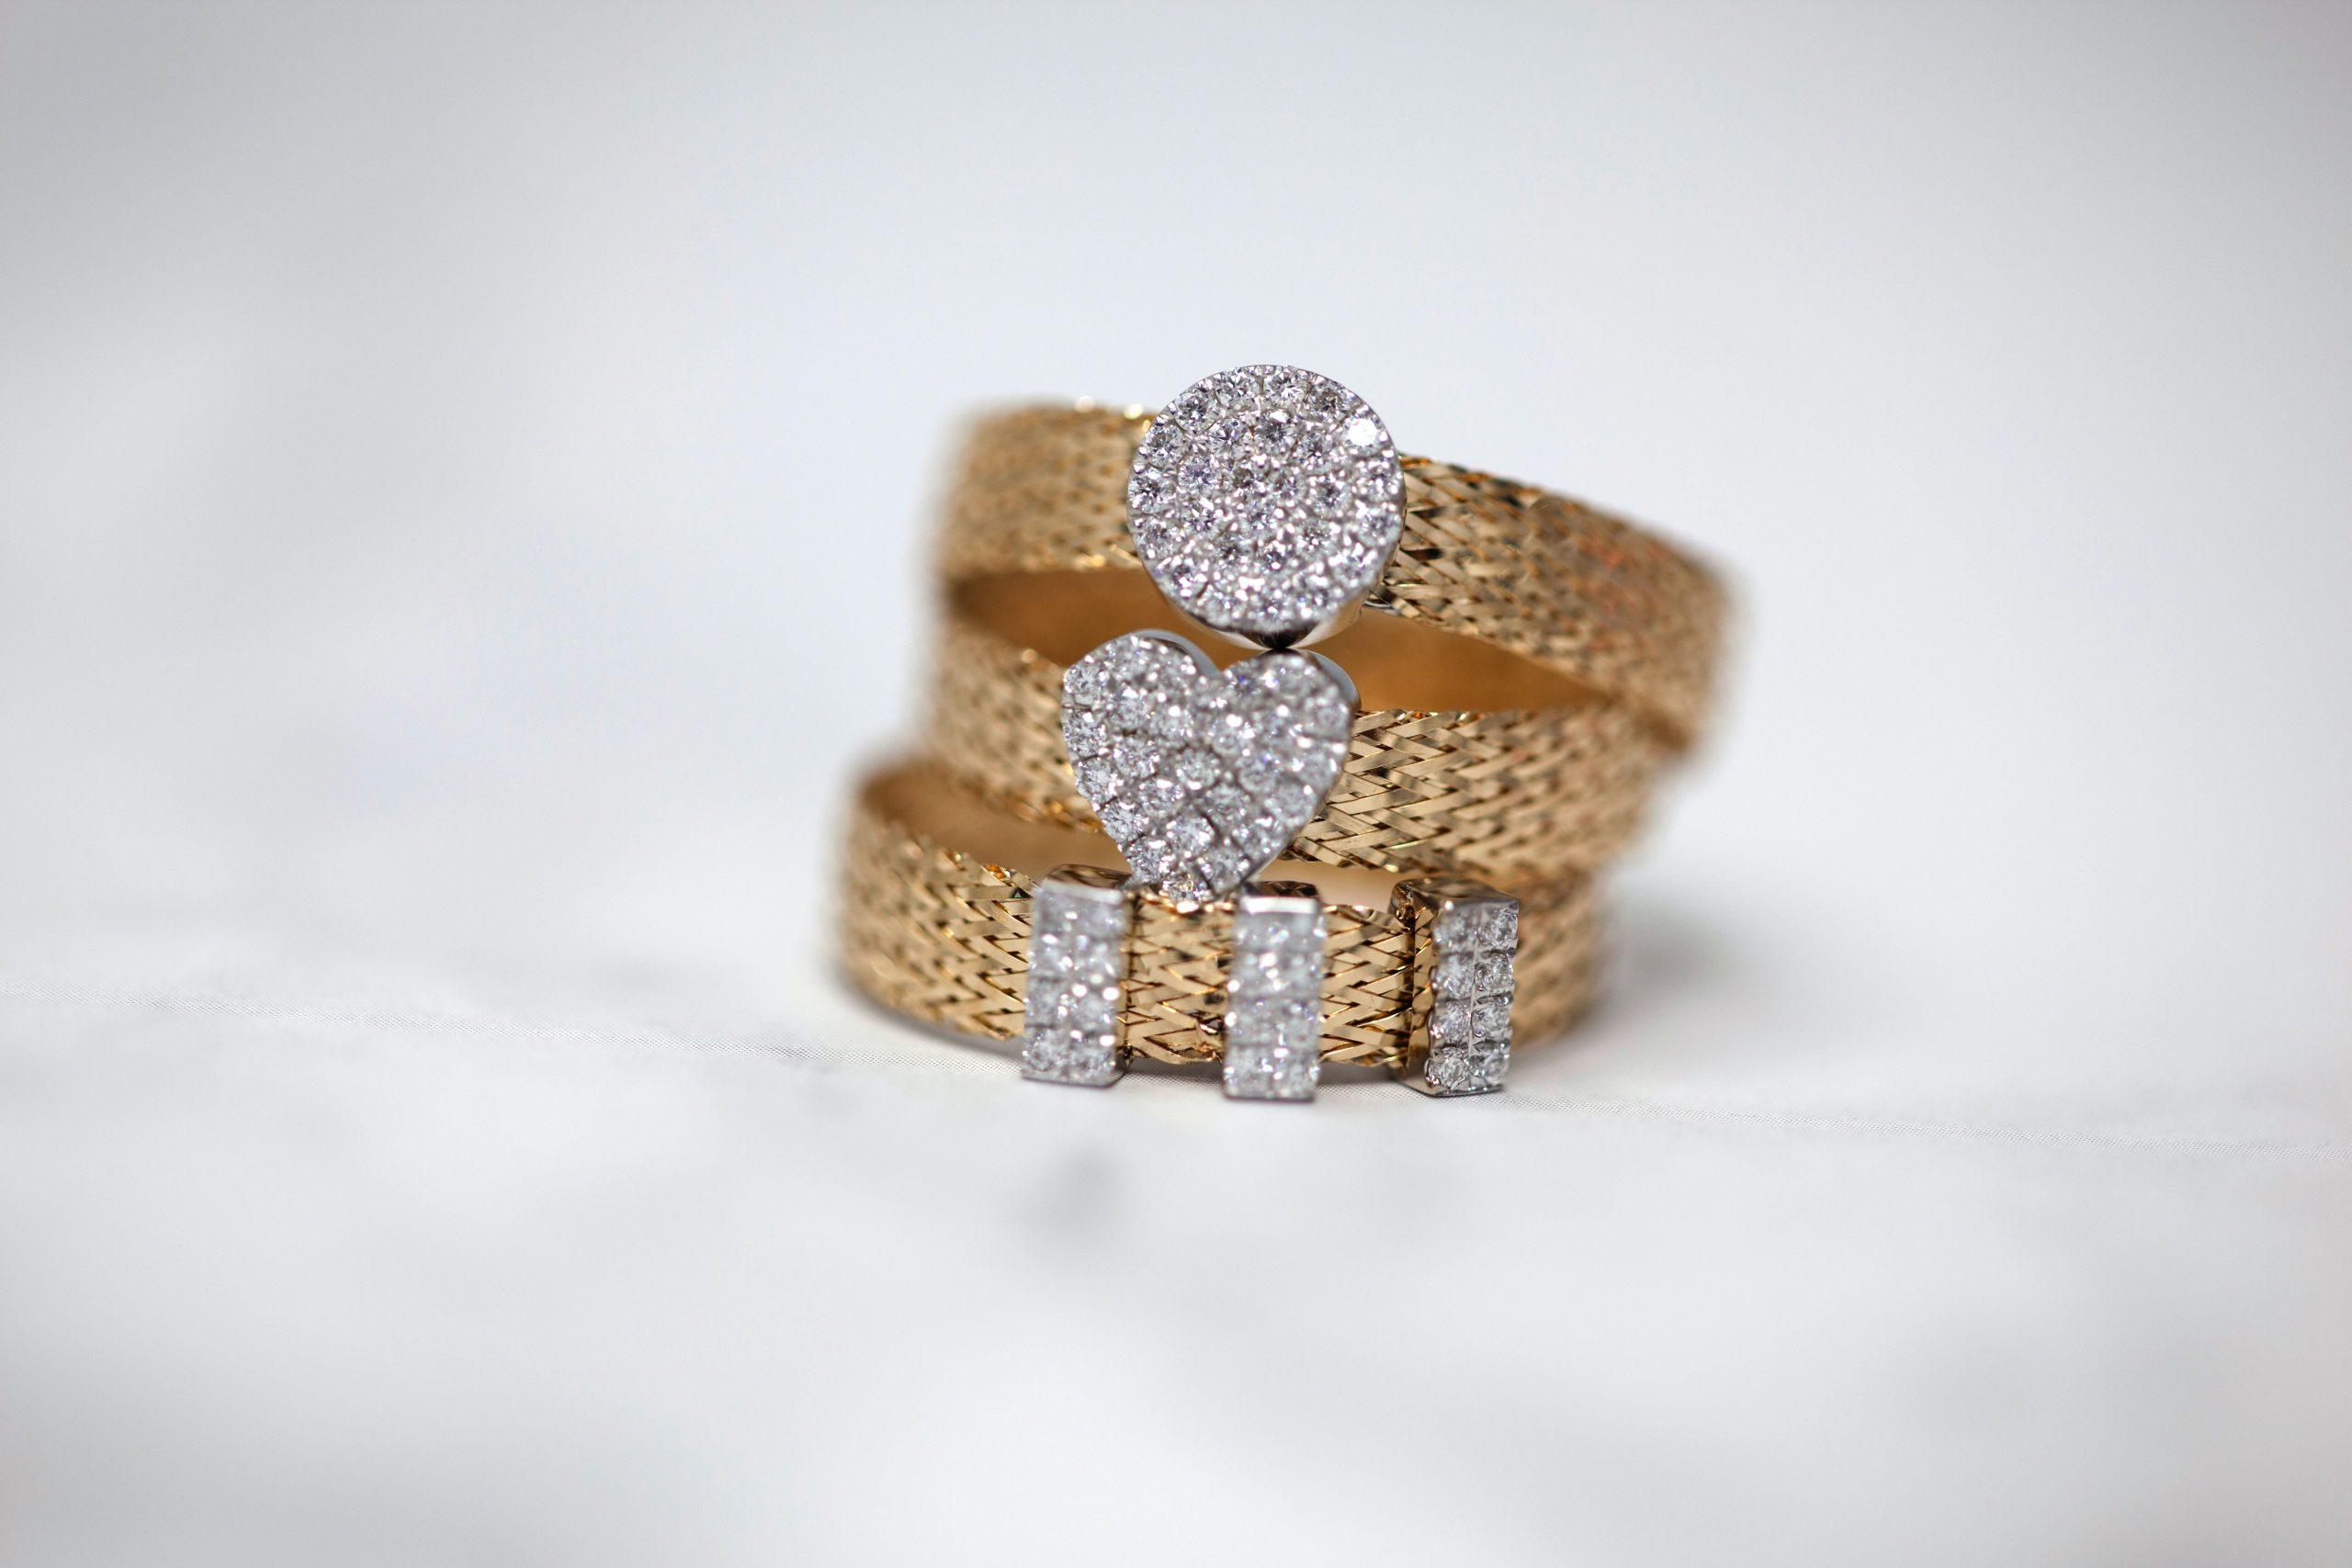 jewelry - Business News Scotland